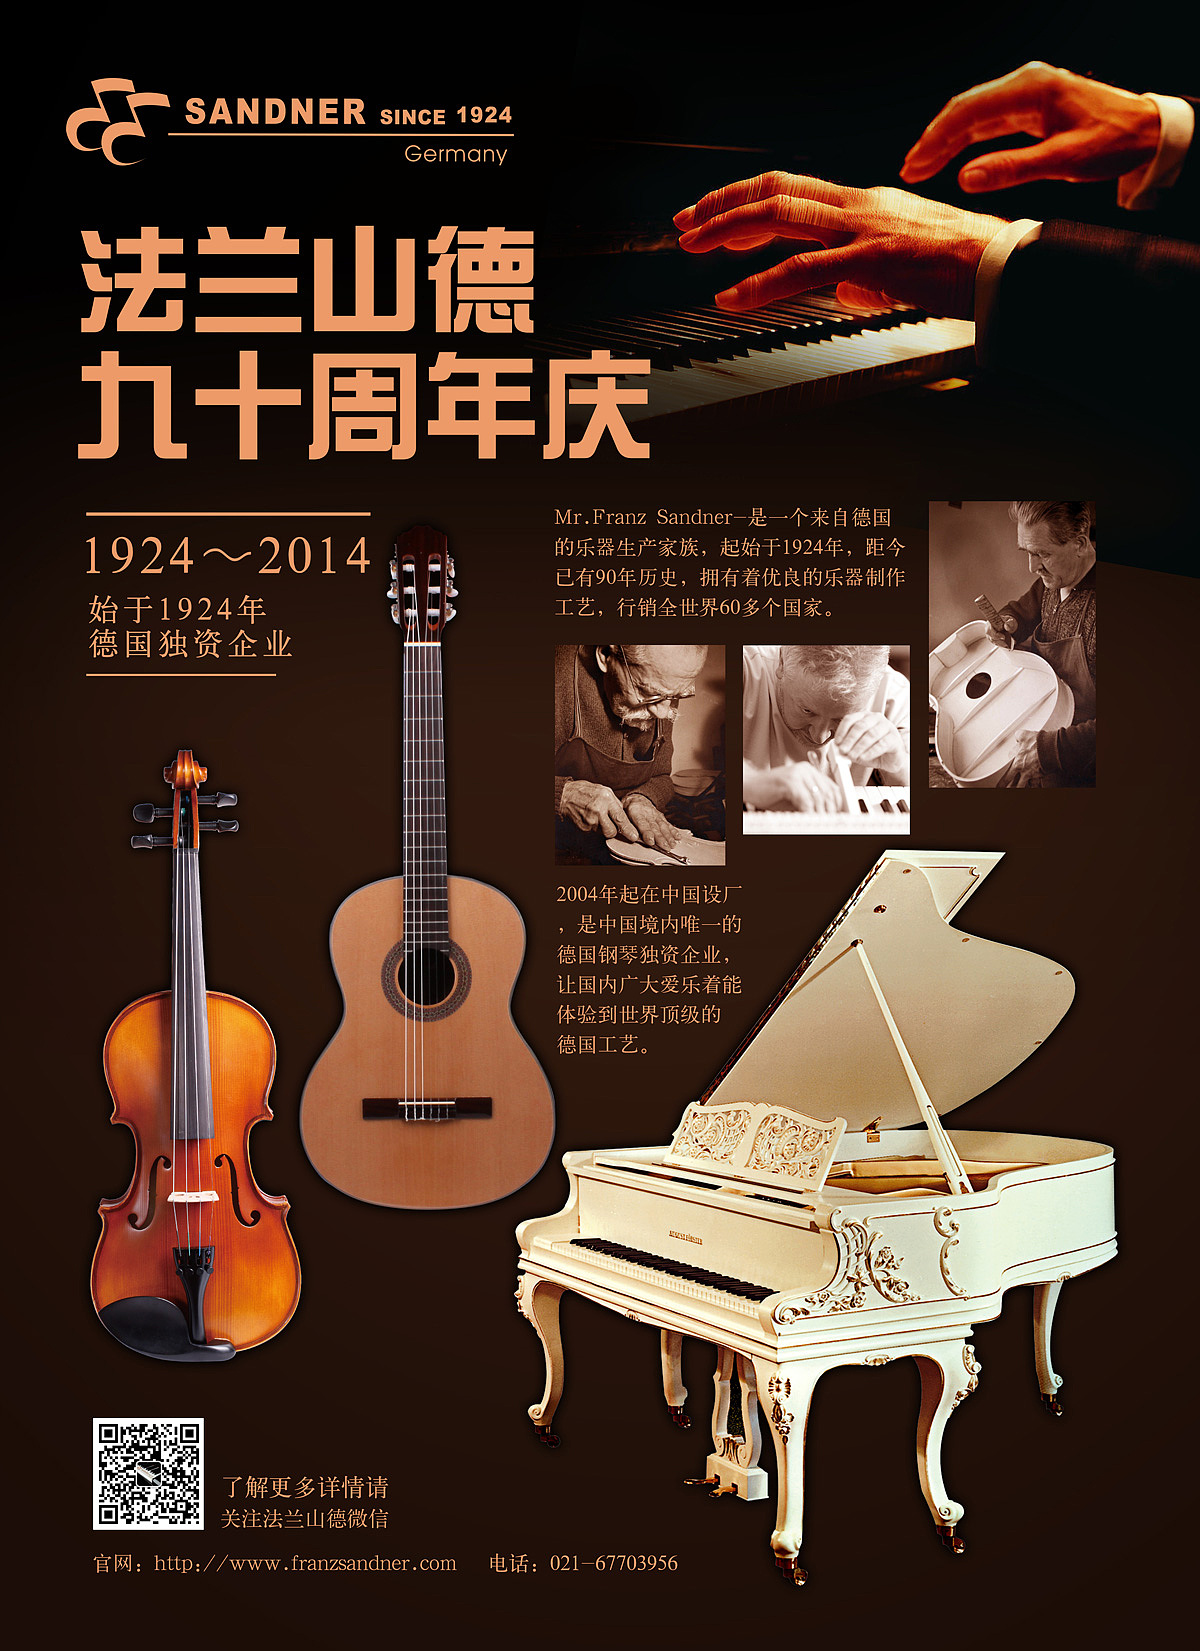 周年庆以及钢琴大赛活动设计图片